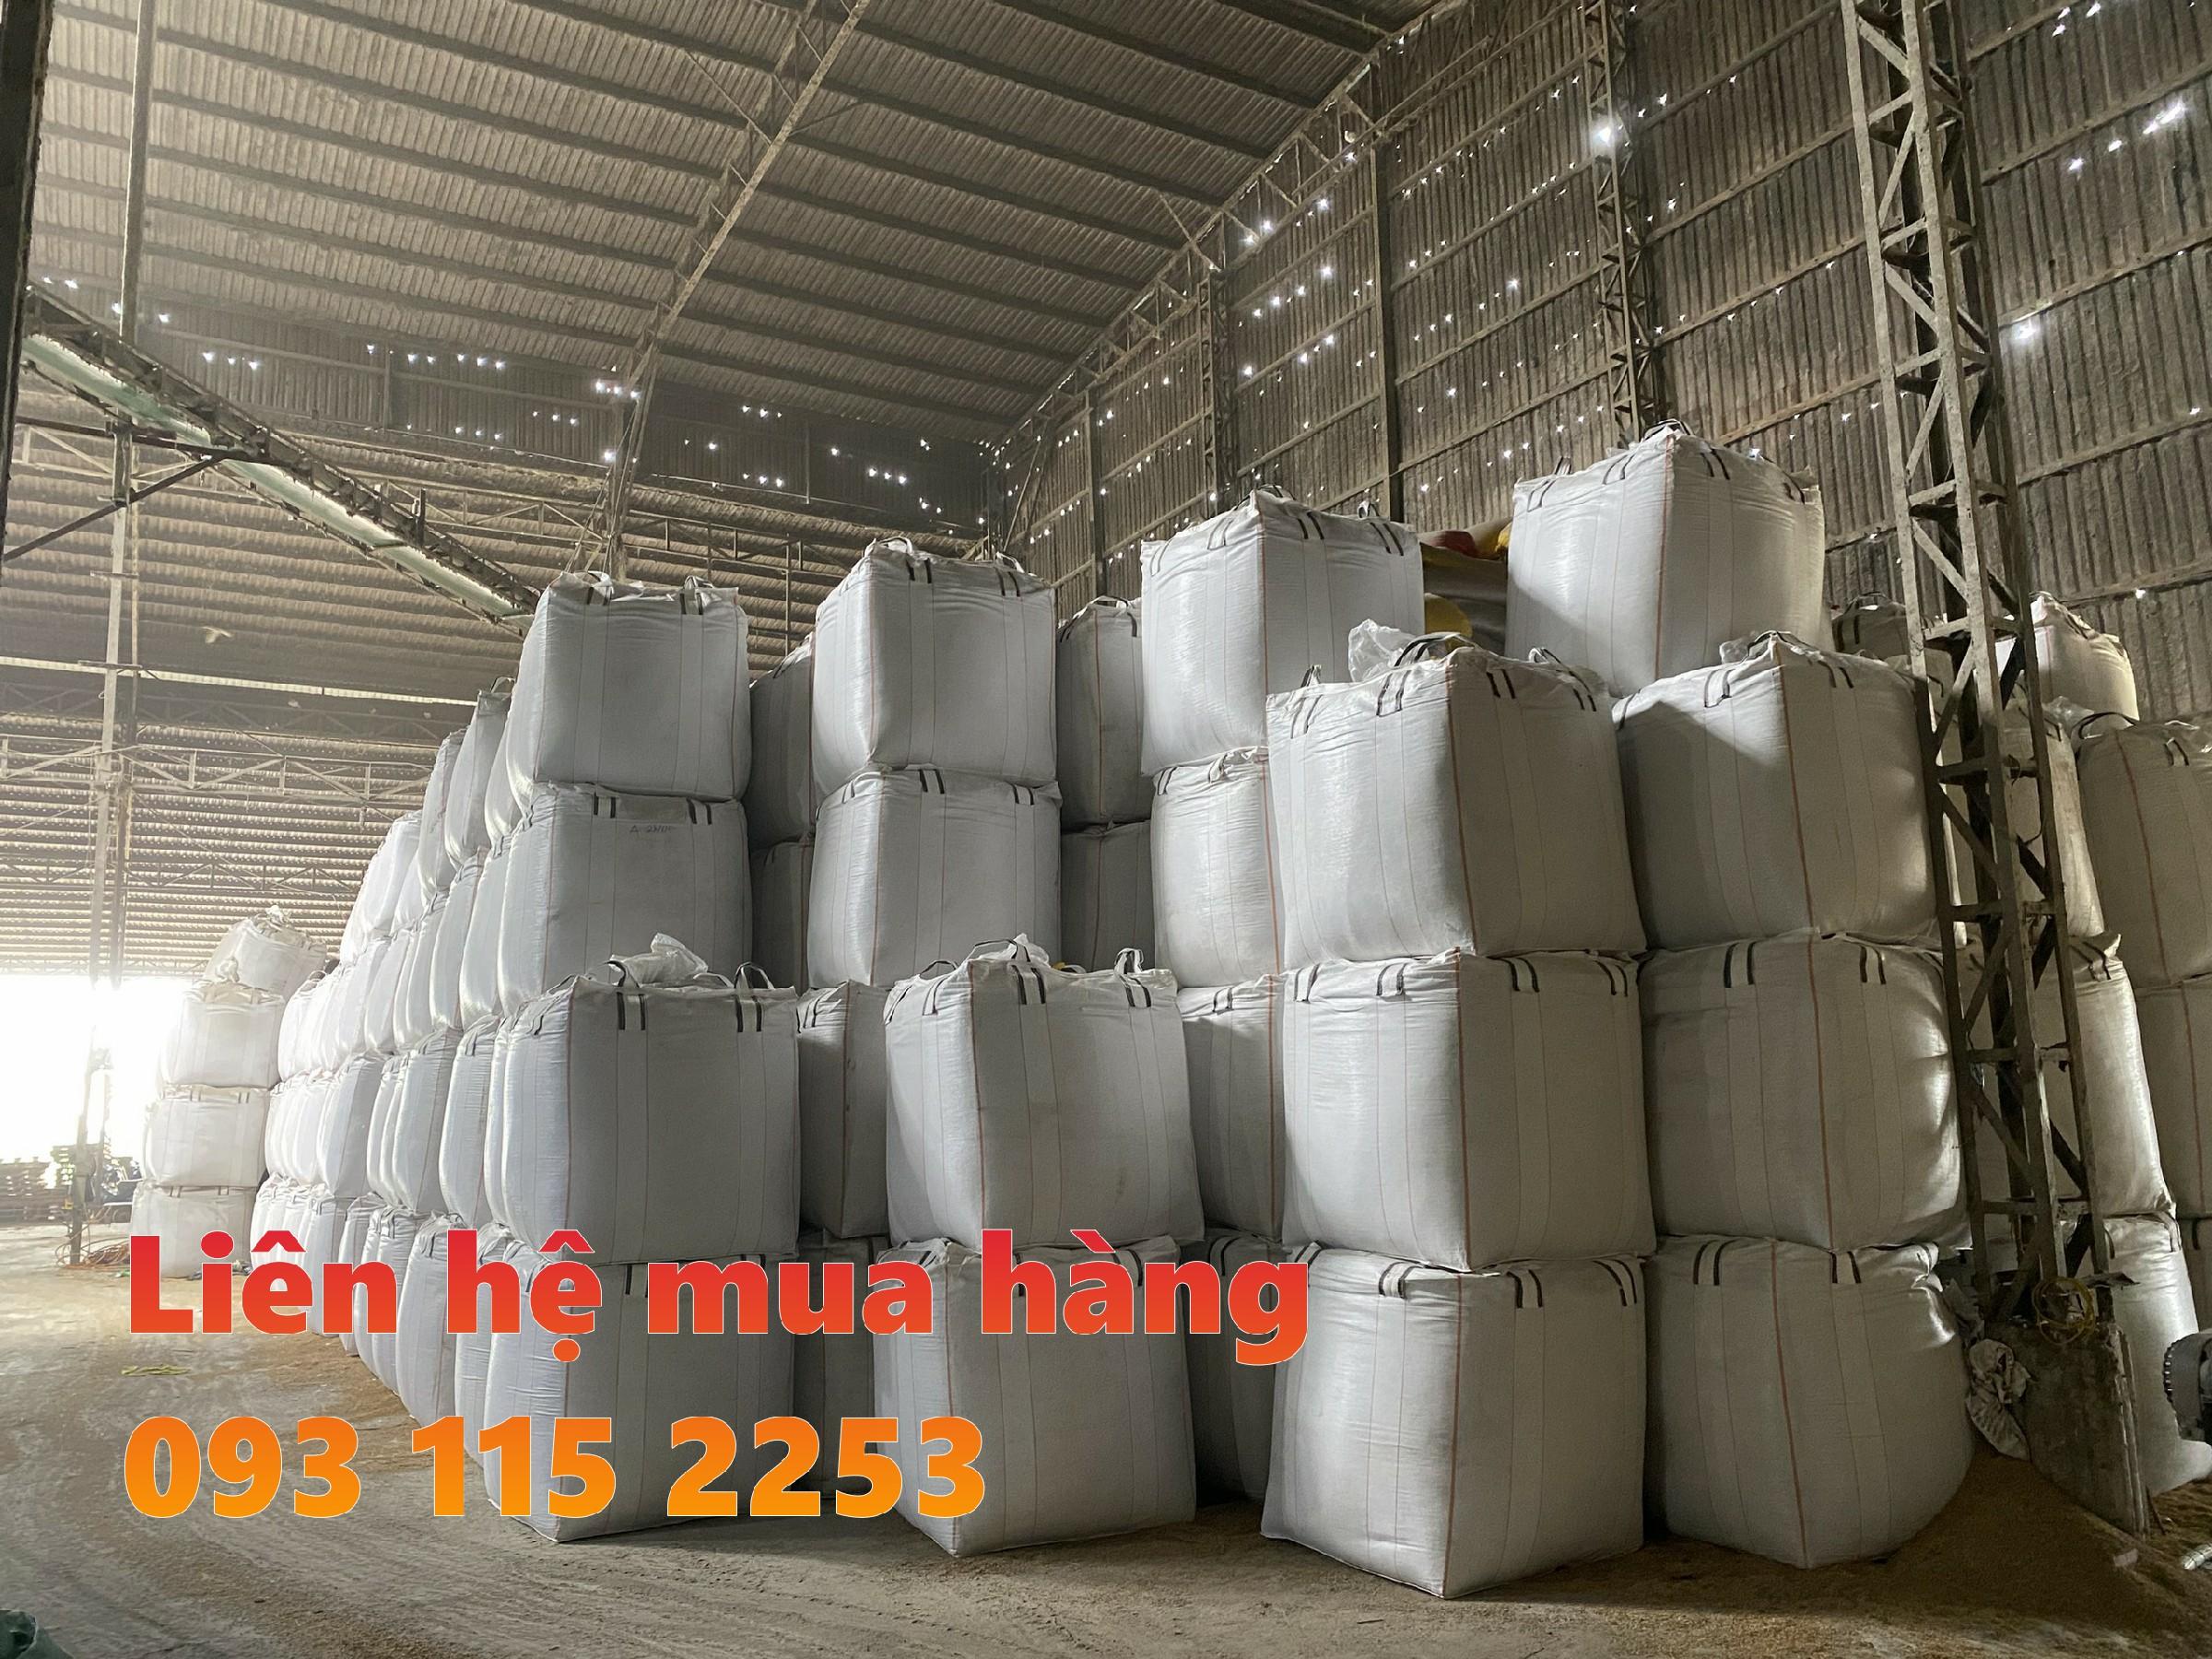 Túi jumbo trữ kho lúa ống nạp đáy xả tiện lợi giá rẽ